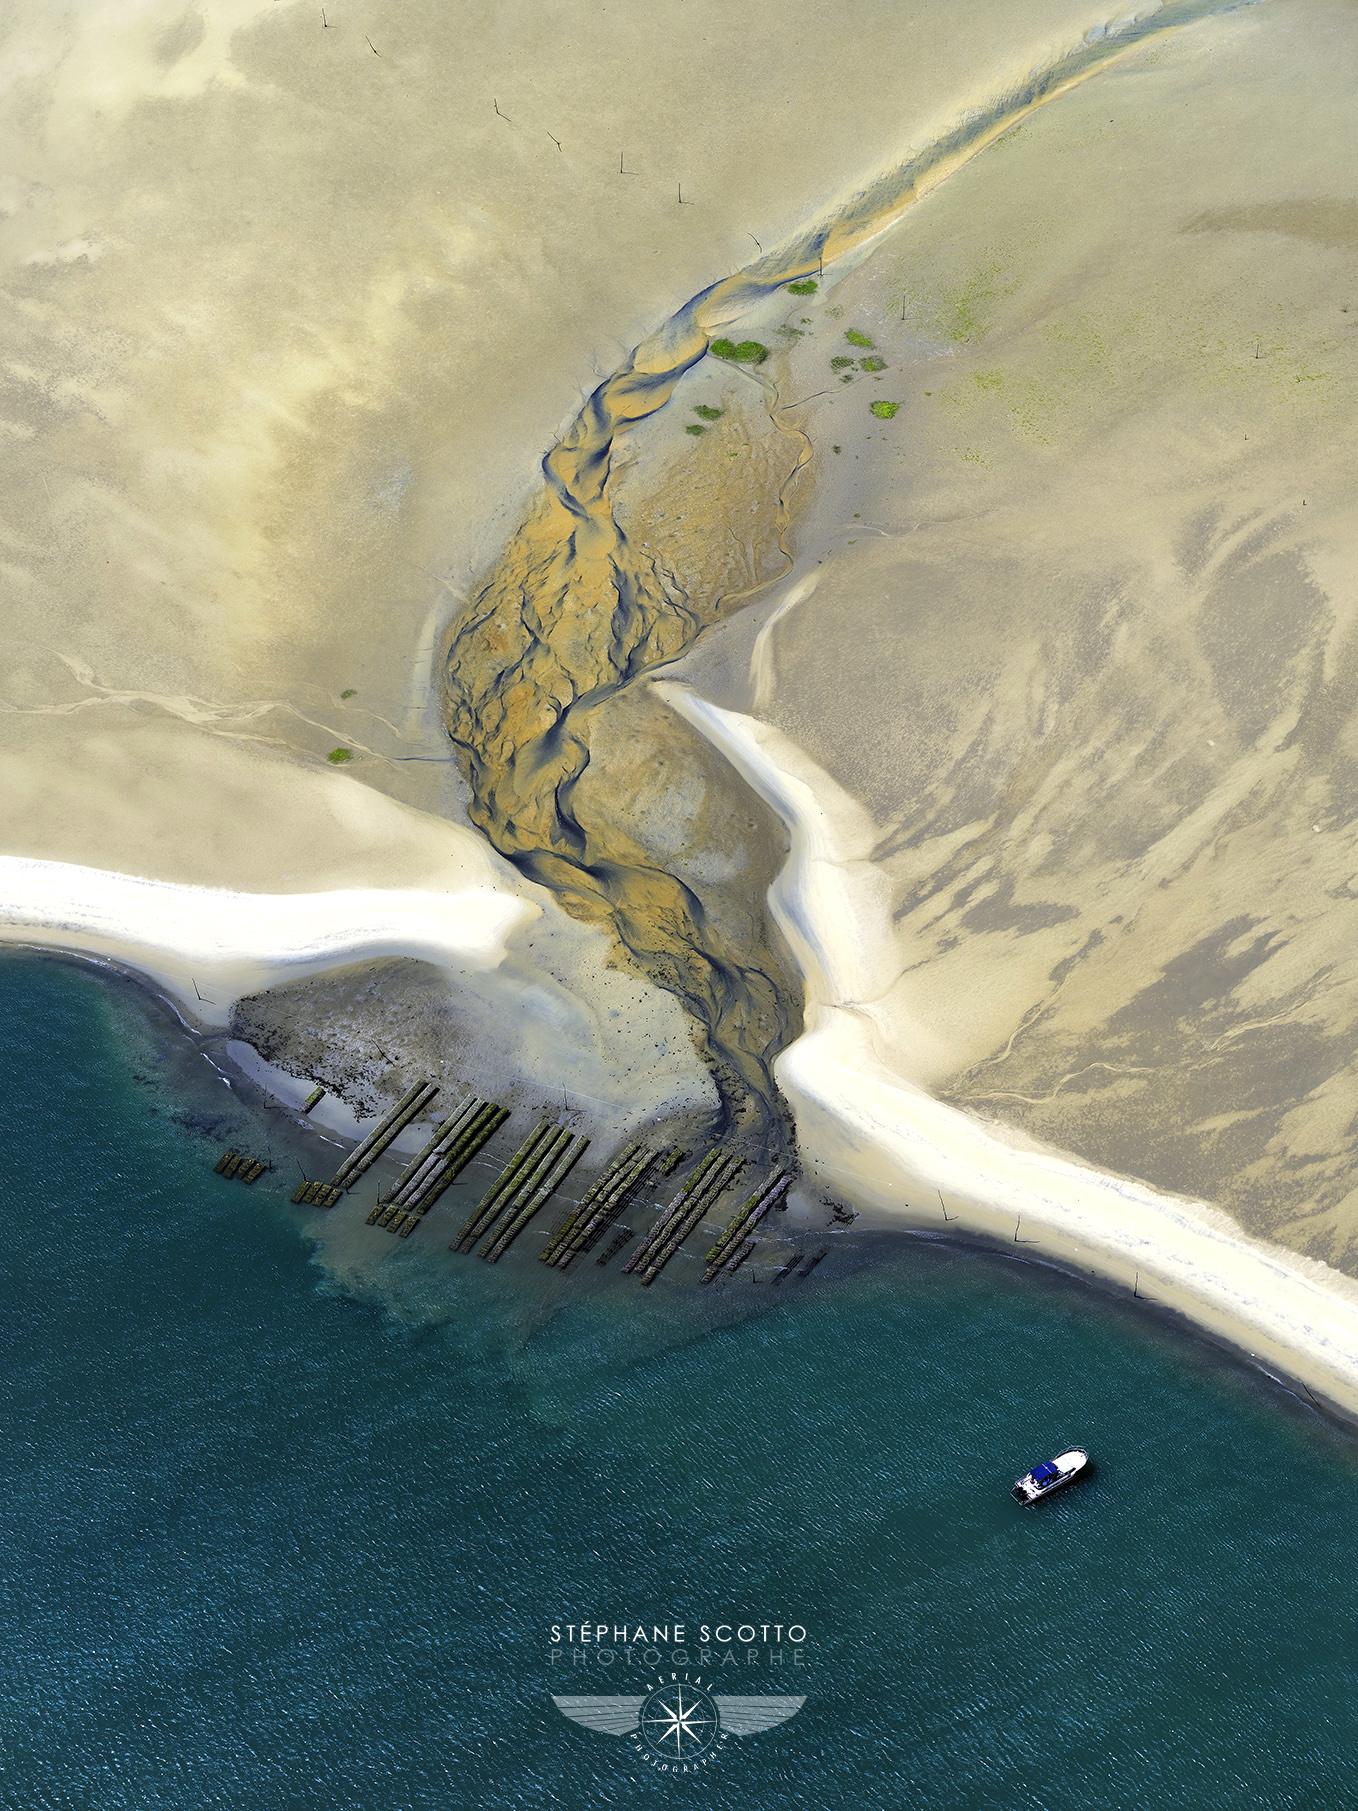 Photo aerienne du banc d'arguin sur le bassin d'arcachon par stephane scotto